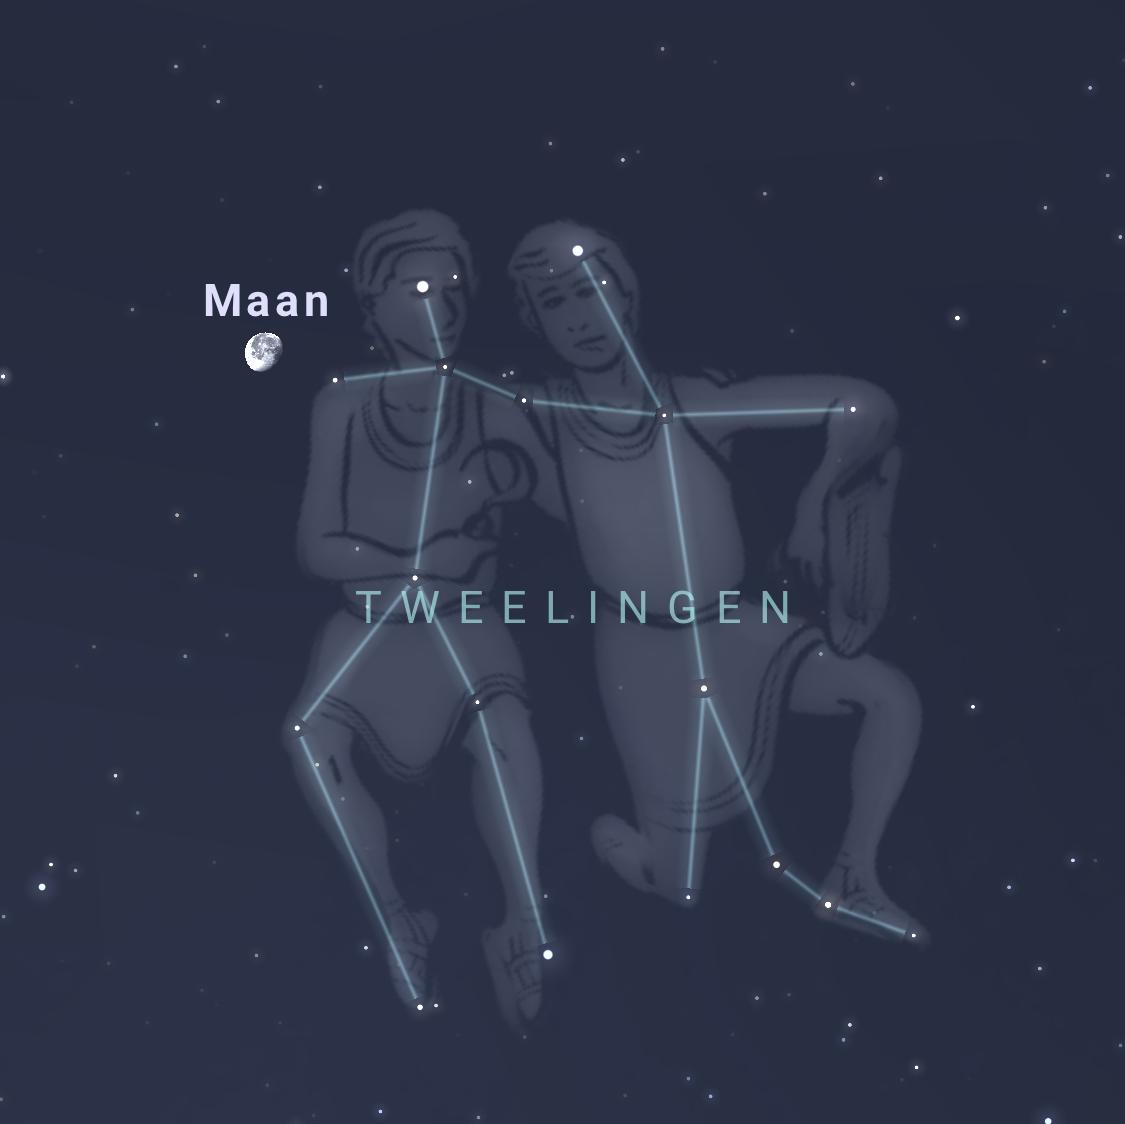 De Maan in  het sterrenbeeldTweelingen